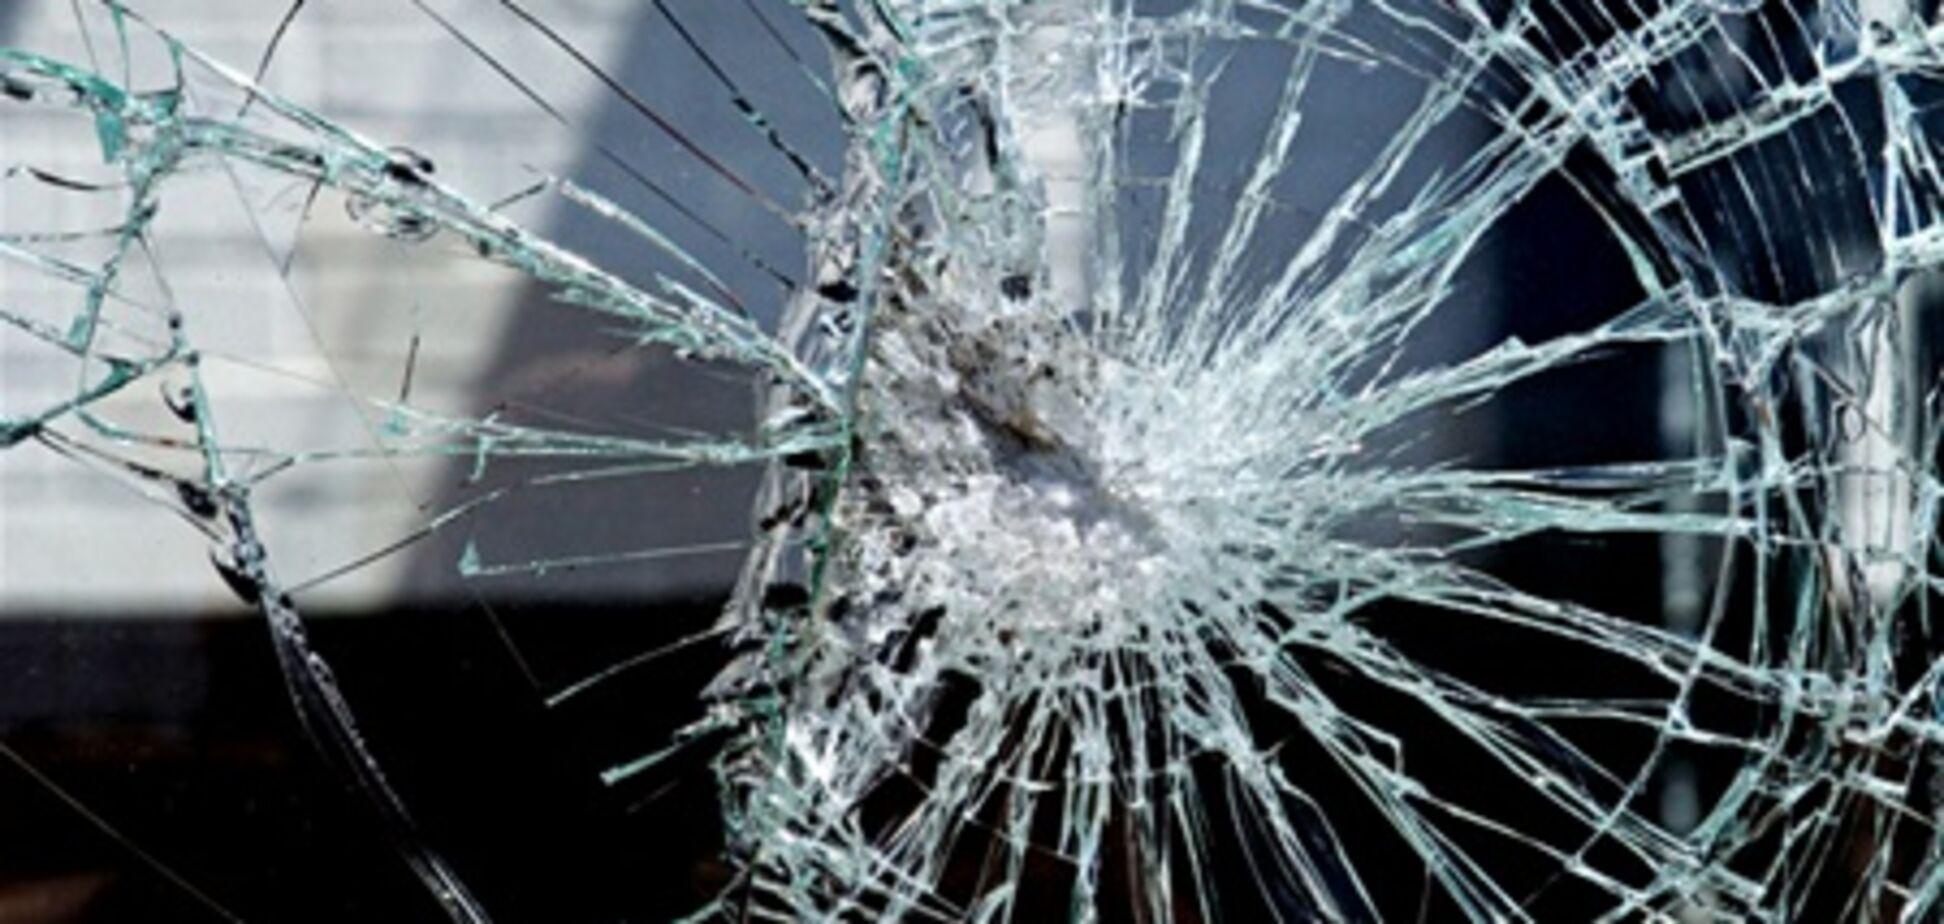 На Херсонщине водитель сбил пешехода, а потом побил за разбитое стекло